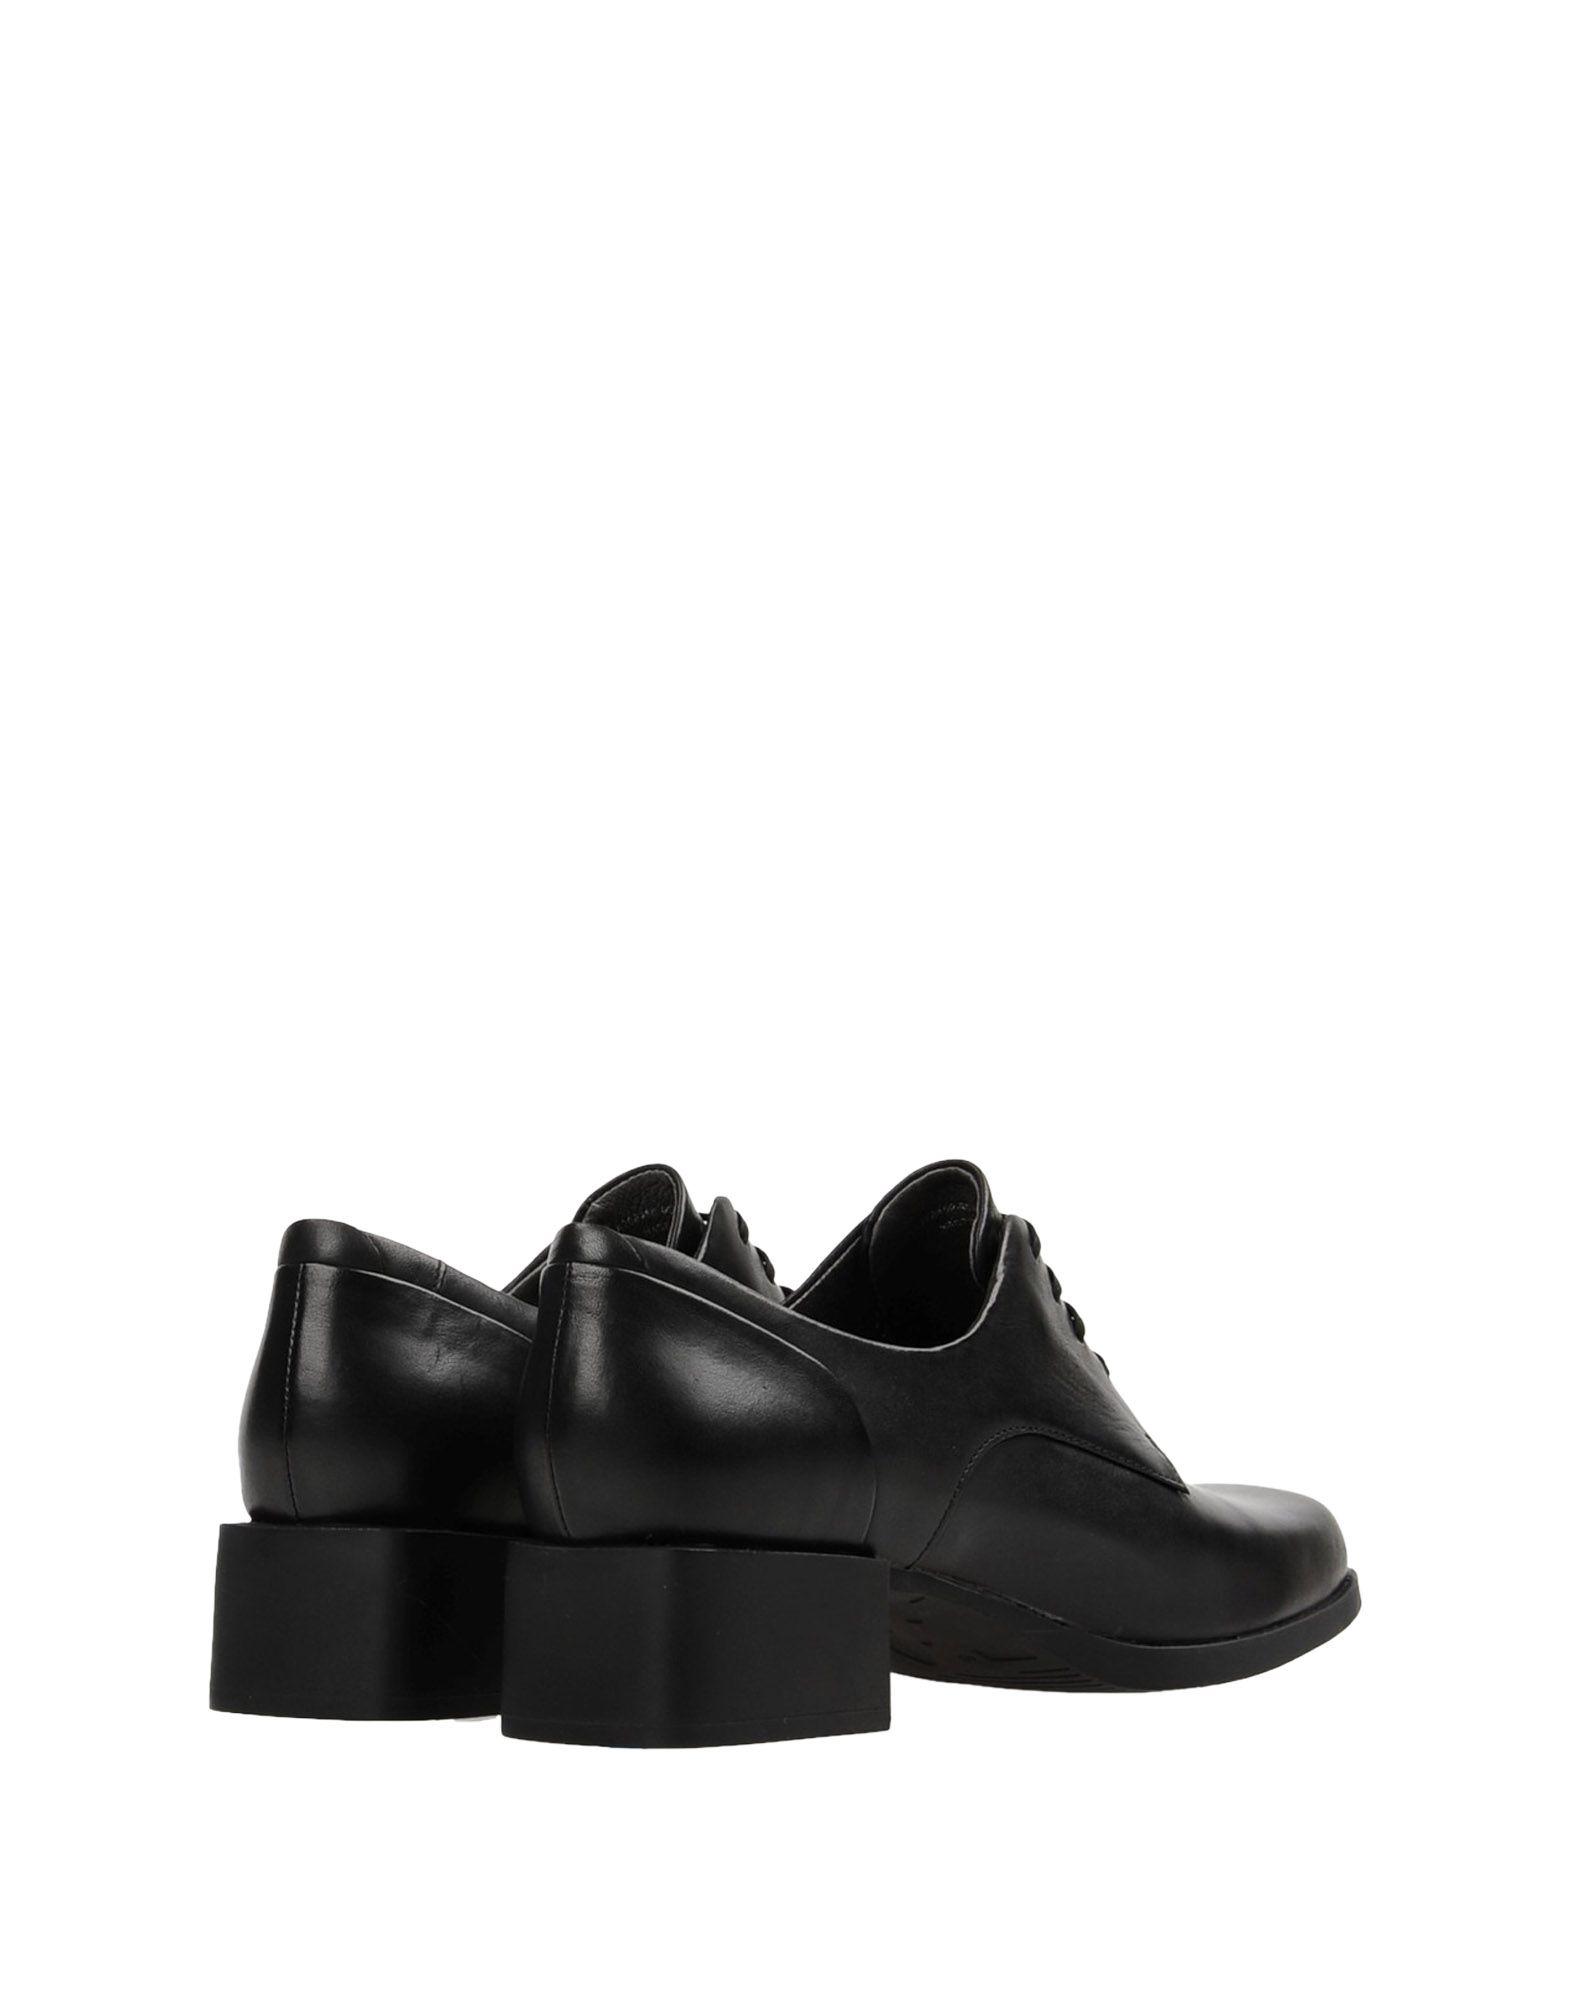 Stilvolle billige Schnürschuhe Schuhe Camper Schnürschuhe billige Damen  11366675NT 953bce